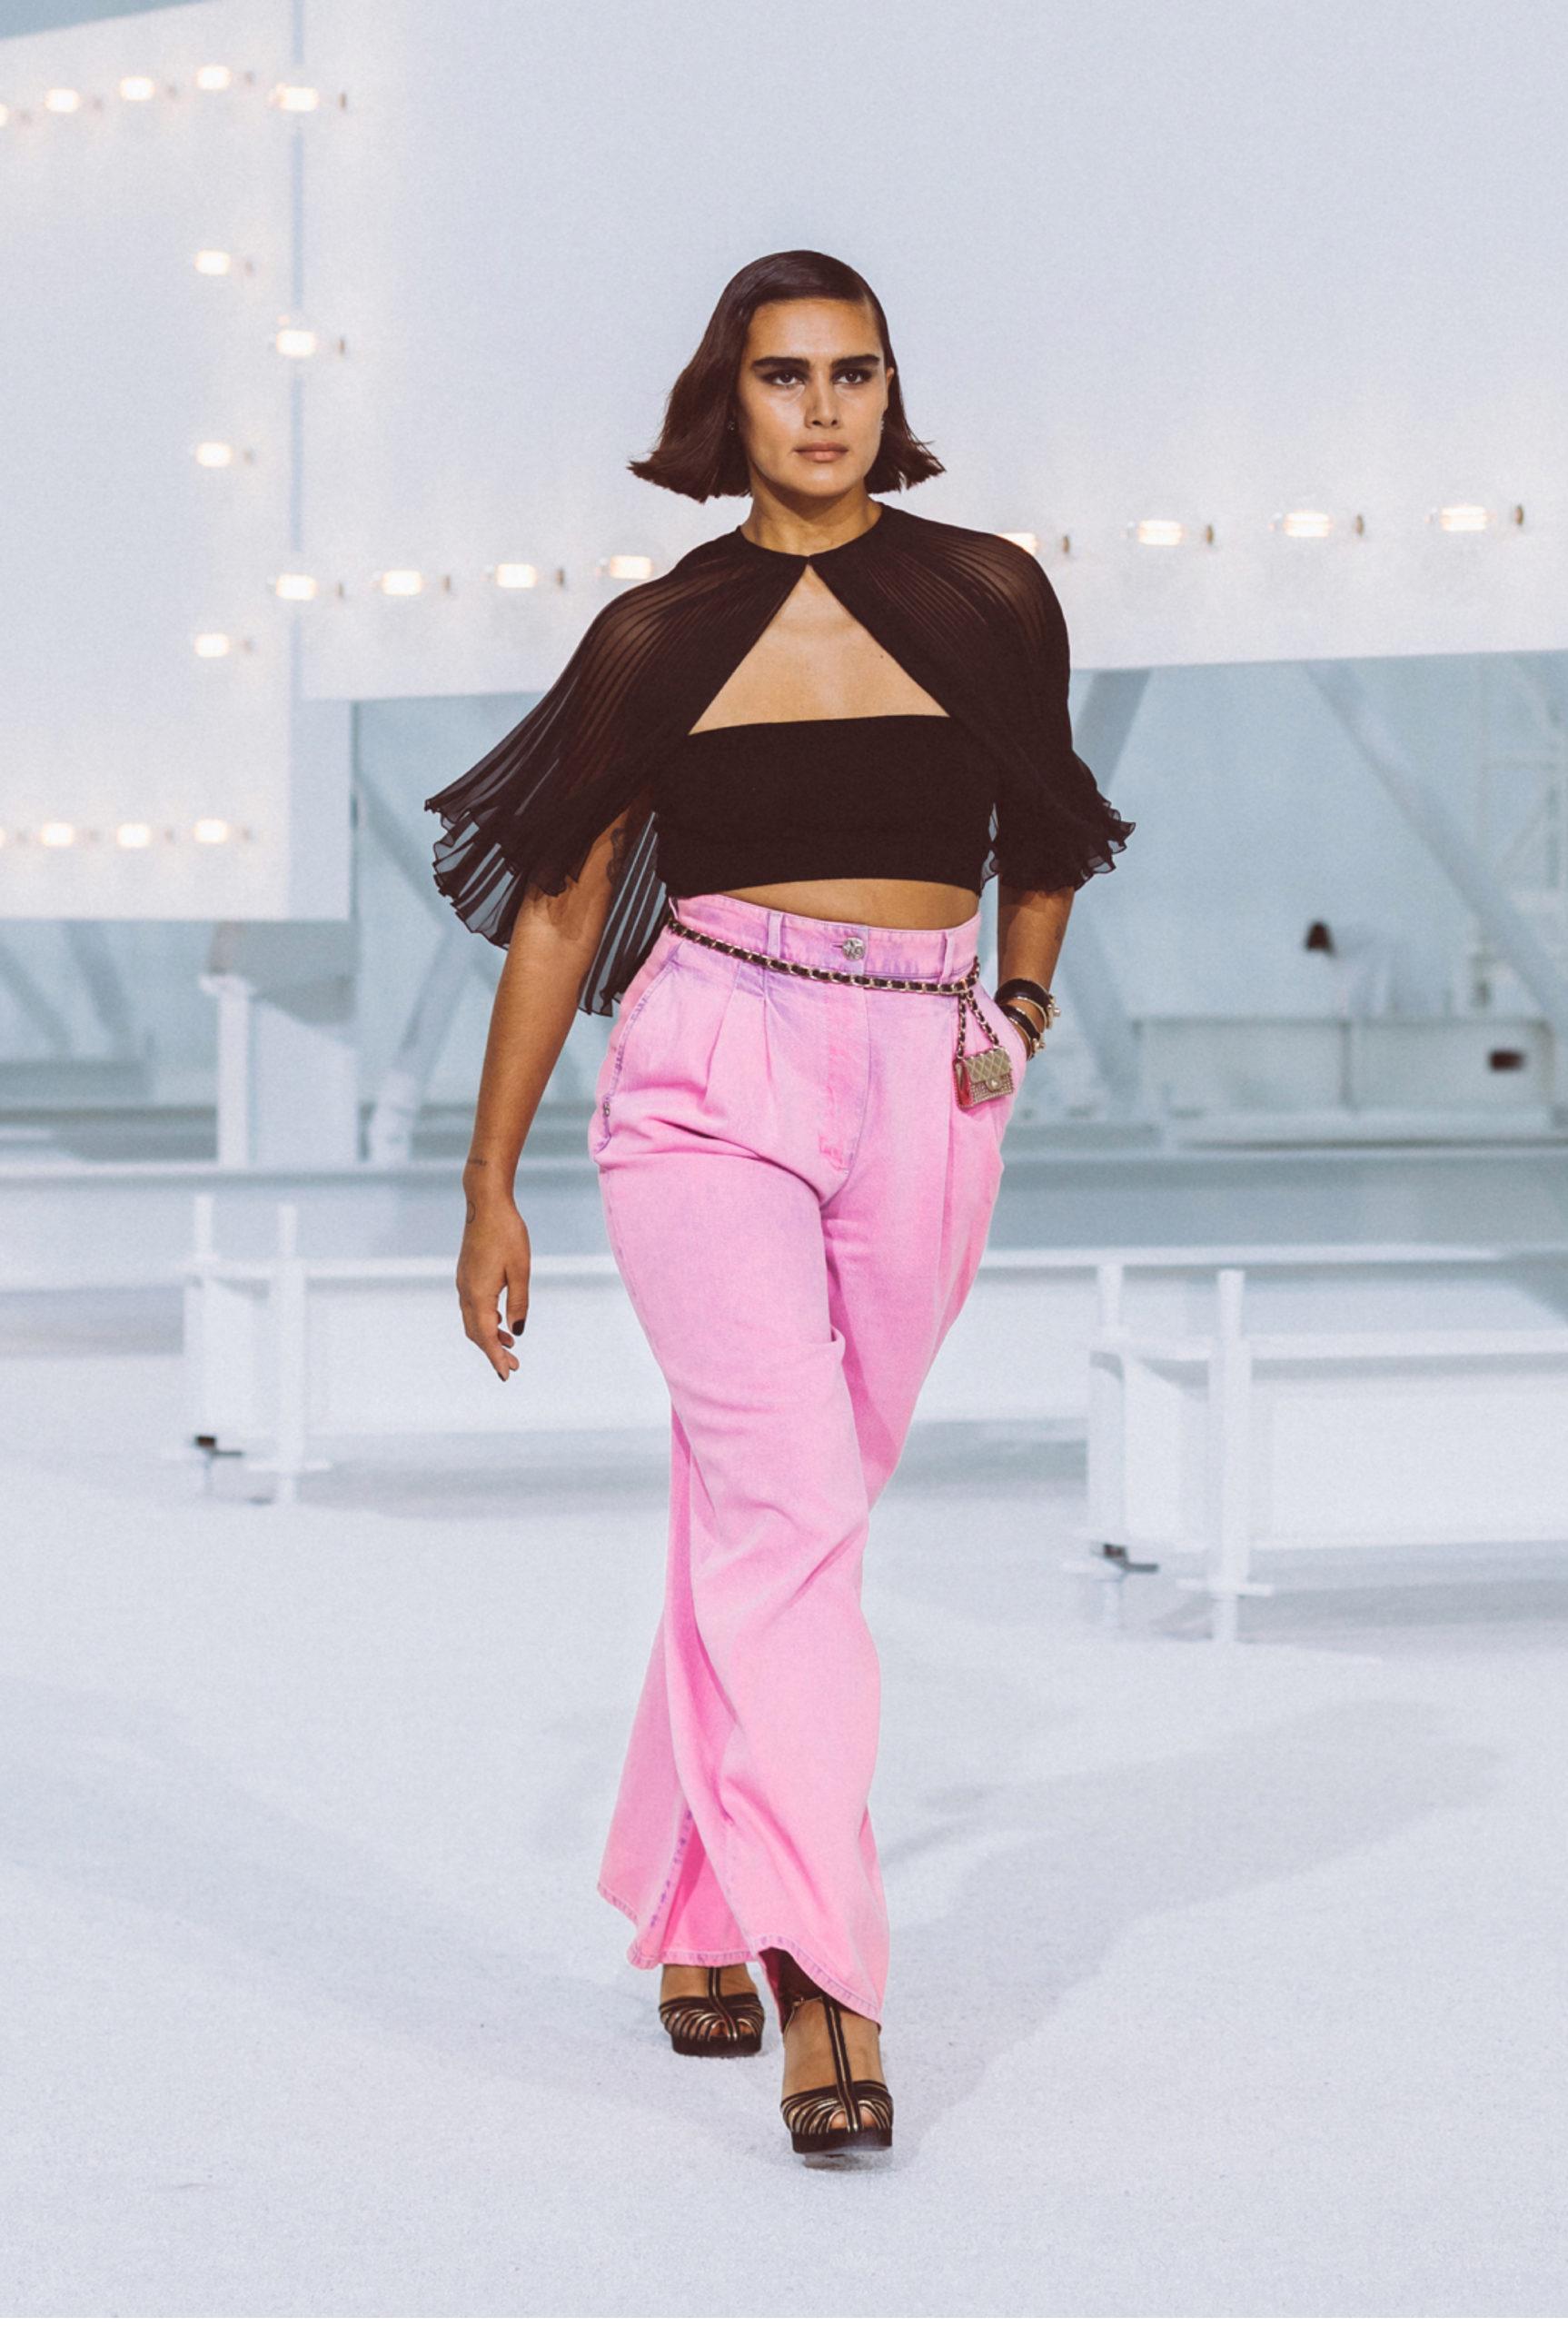 pantaloni rosa chanel